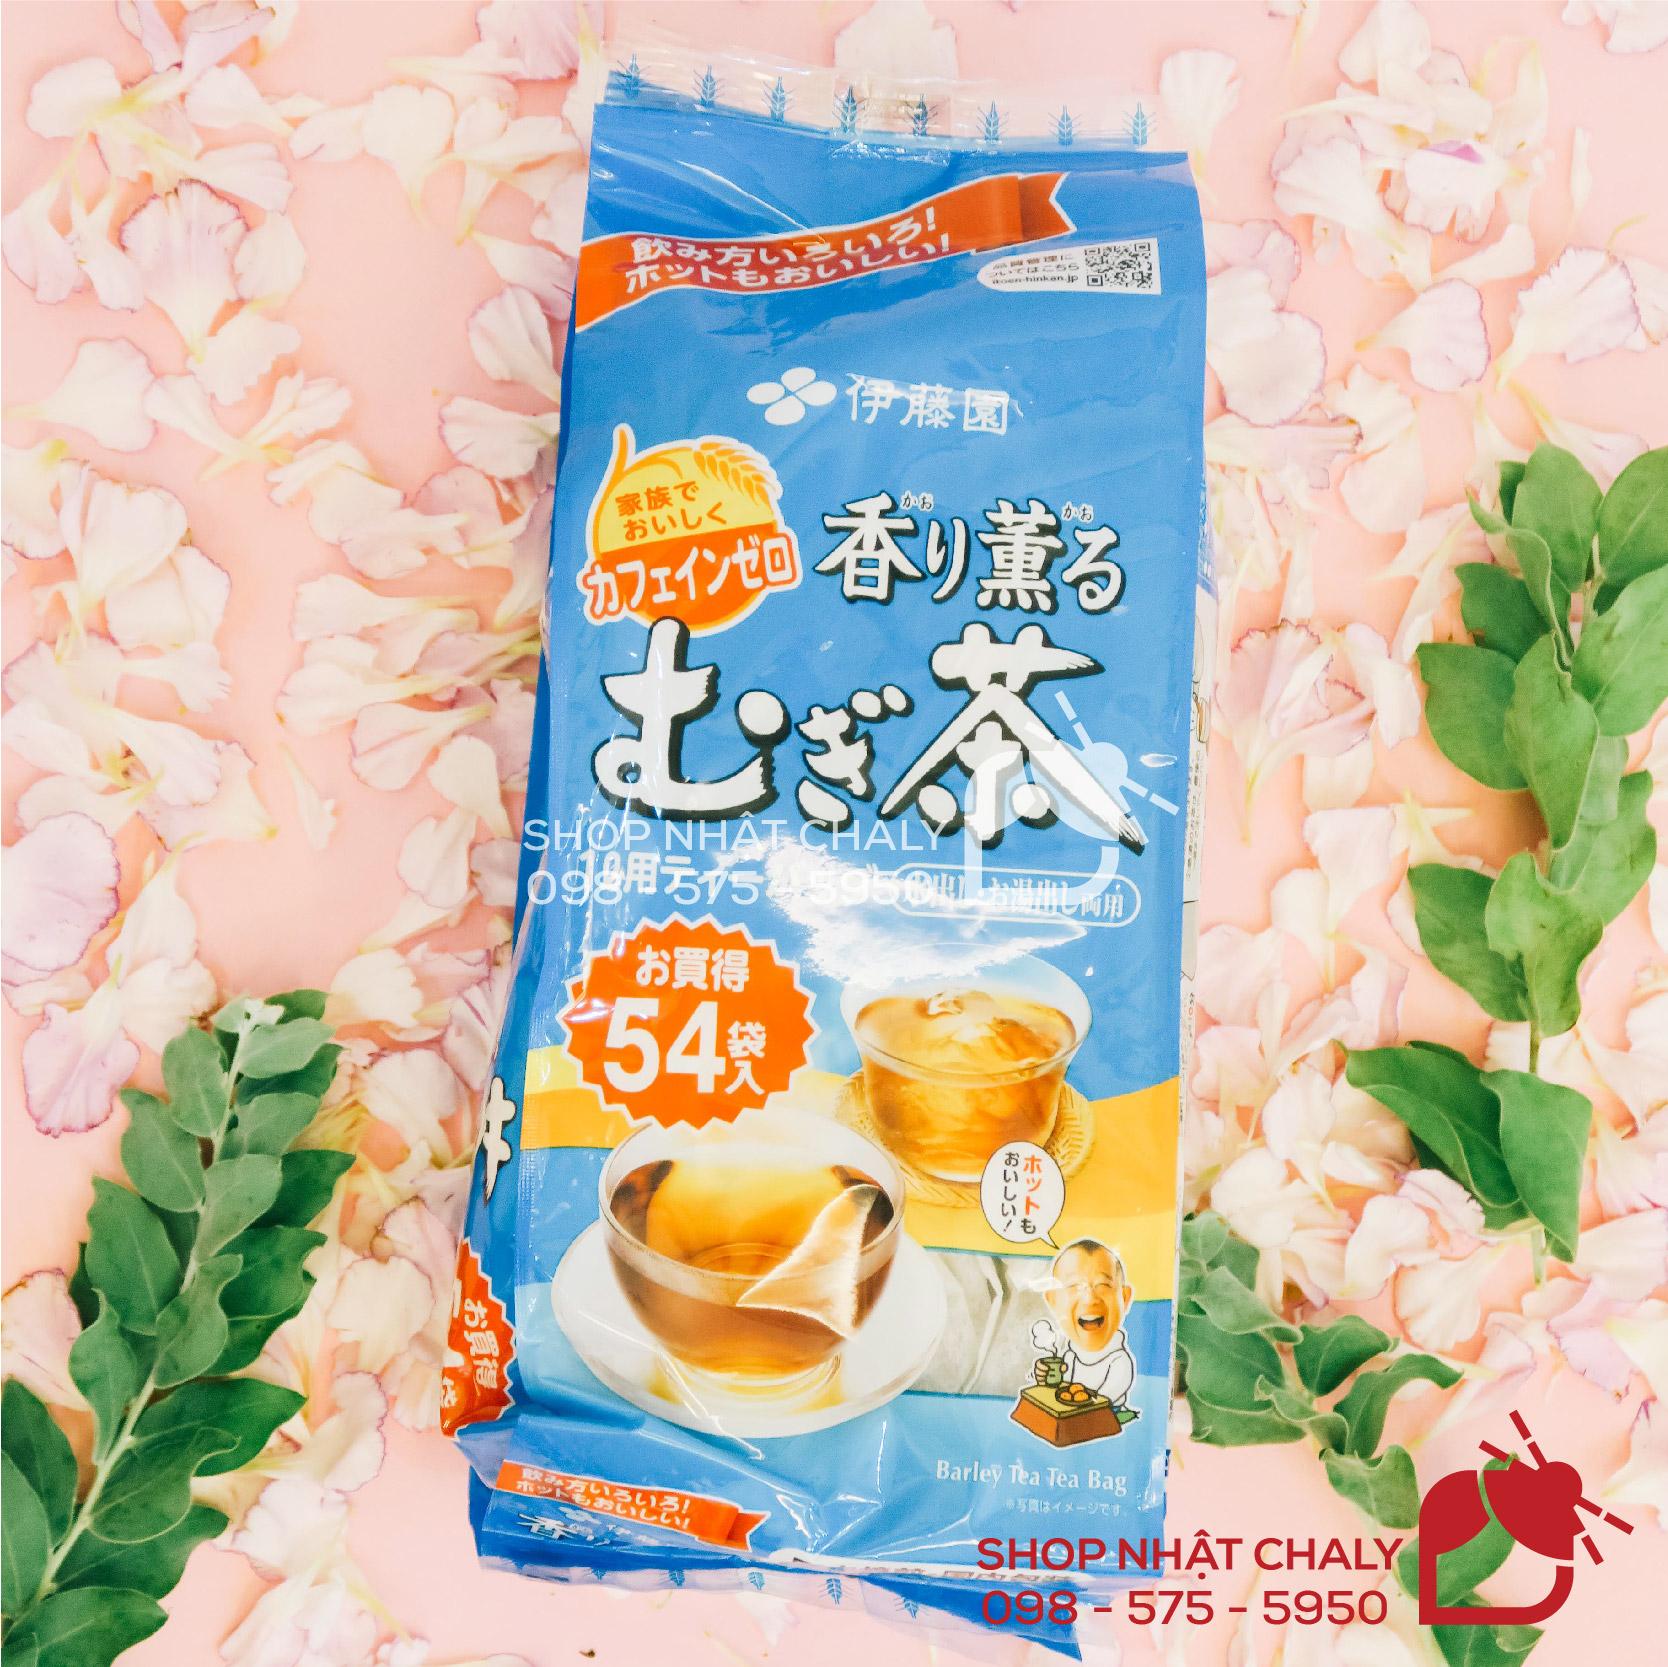 Trà lúa mạch của Nhật Bản Mugi tea ông già Nhật 54 gói có thành phần pha trộn 2 loại lúa mạch Nhật mang lại nhiều lợi ích cho sức khoẻ, rất được ưa chuộng